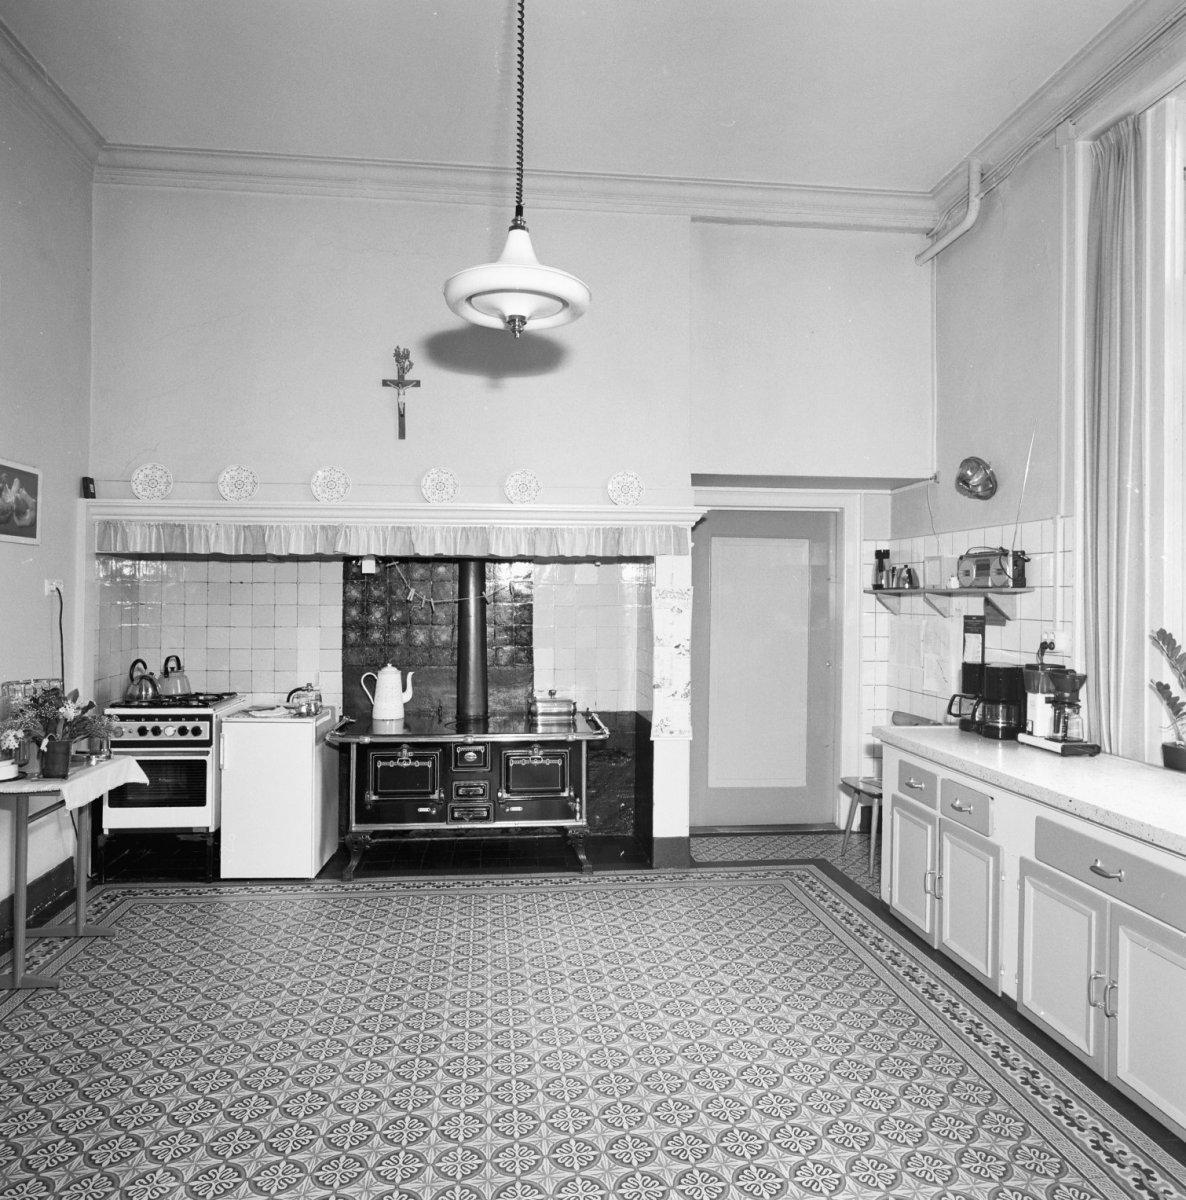 begane grond, keuken met tegelvloer, aanrecht en schoorsteen - Boxtel ...